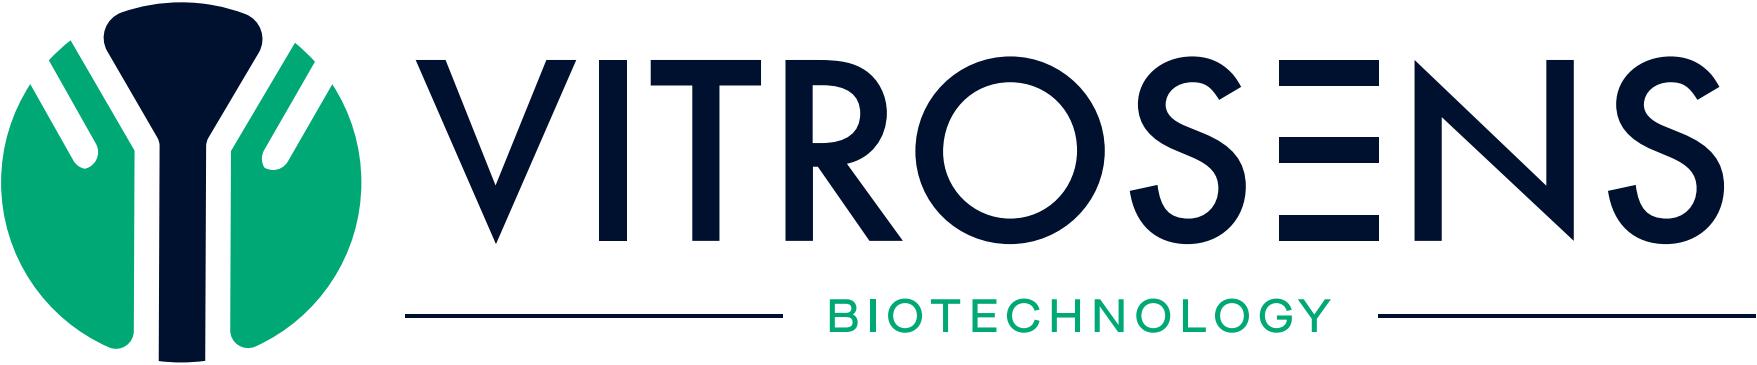 Vitrosens Biotechnology